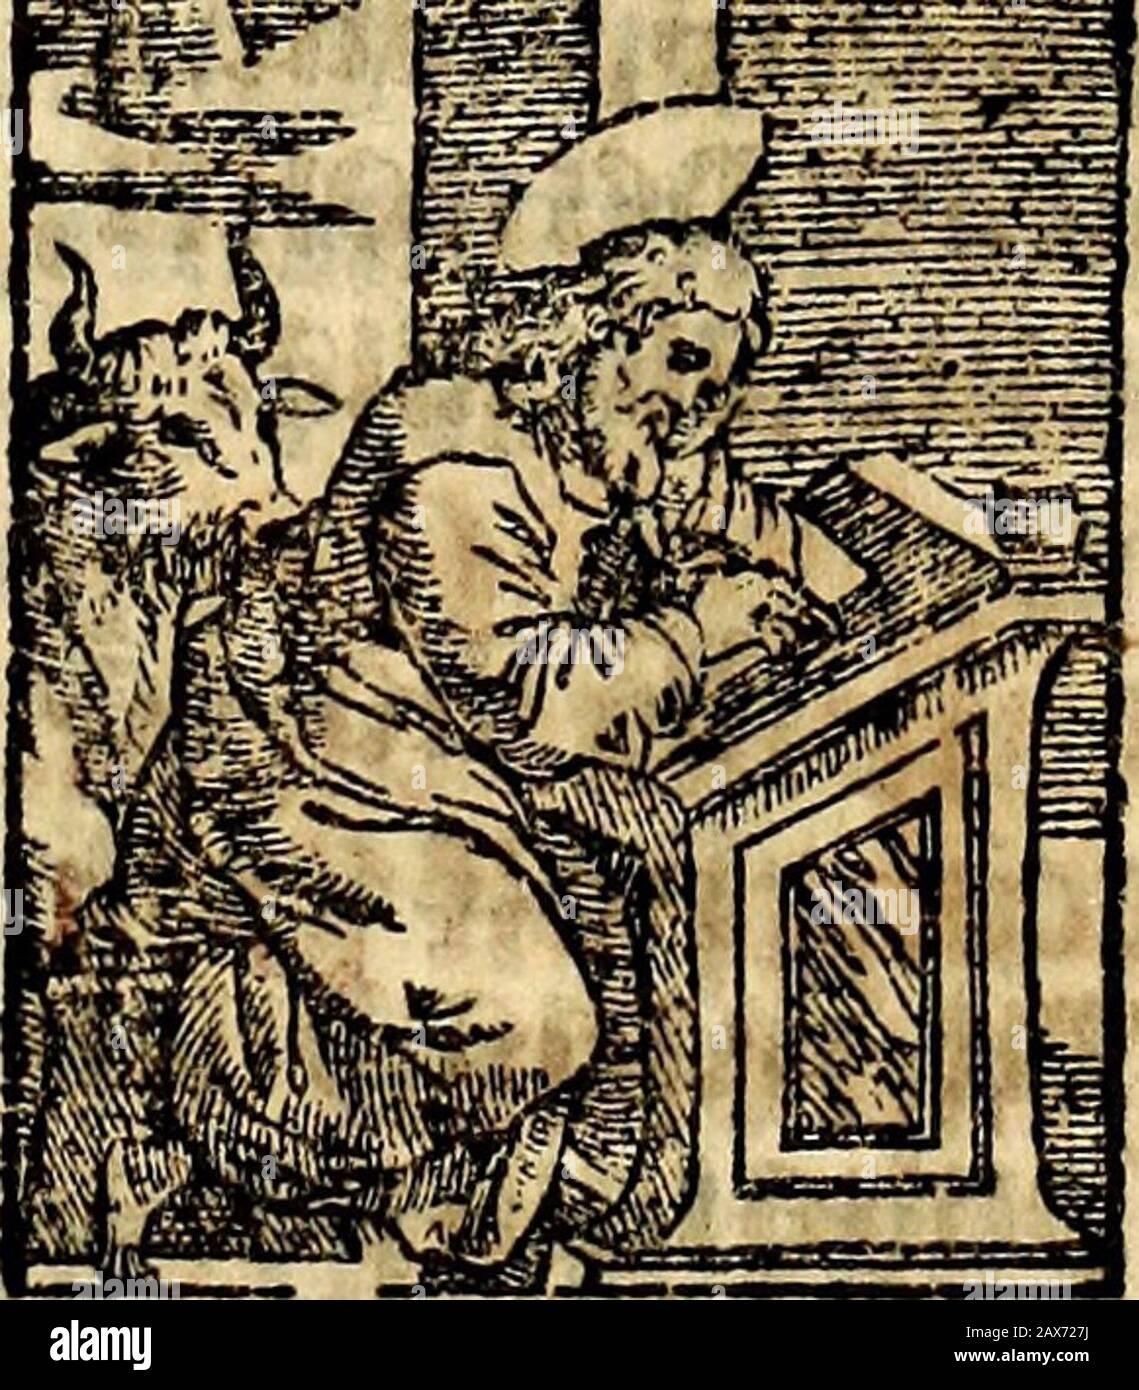 Missale Romanum es decreto sacrosantti Concilii tridentini restitutum, Pii VrontMaxiussu editum . iiiiiiiiderata conedas,fac eoa qugribi funtplamitita ppftcenulare . t>eroominumno* Hctinctienuoe*winonicanpou Jtentfutcfcfctoliufc*; ktolftolftolftolftolftolftolftolftolftolftolftolftolftolftolftolftolftolftolftolftolftolftolftolftolftolftolftolftolftolftolftolftolftolftolftolftolftolftolftolftolftolftolftolftolftolfmftoftofto Dans l?ac oie tua,qug ad pa>ftciamini,ficut quidam eripfie, c^tibulRuncautabfcodita funkt Banque D'Images